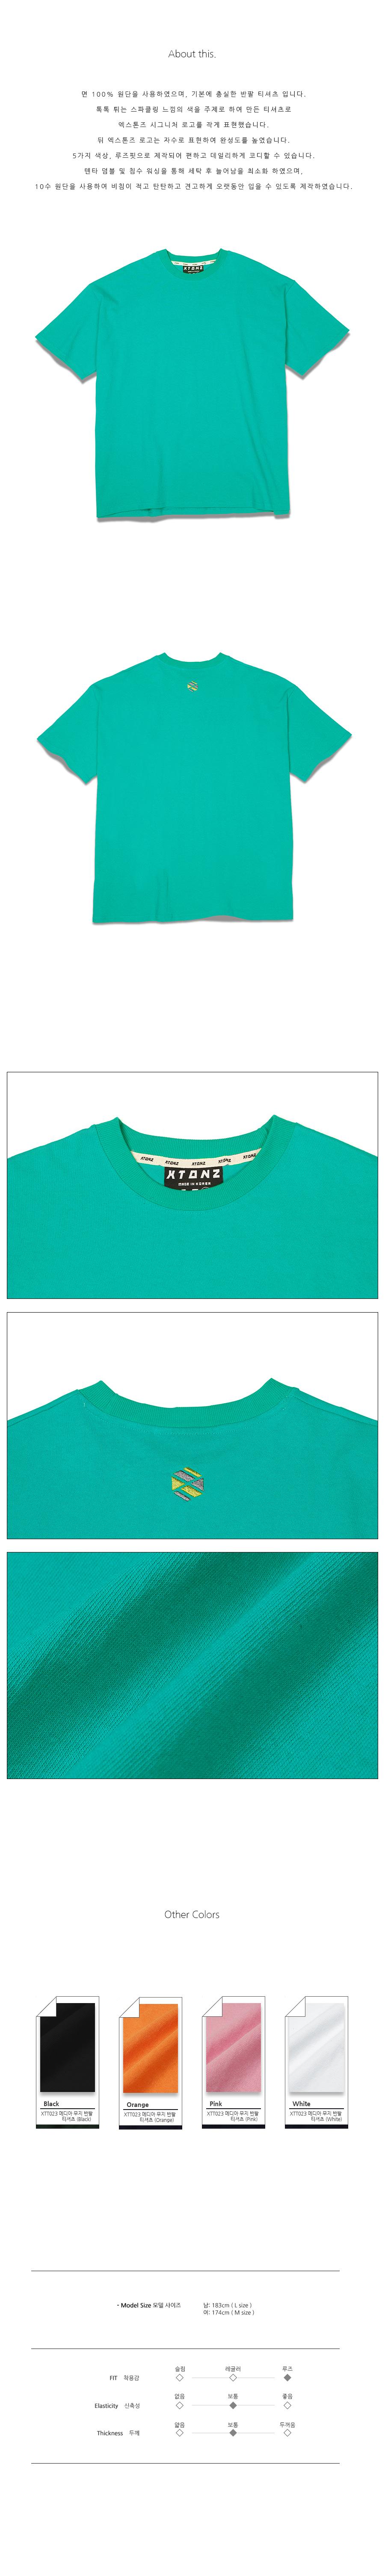 XTT023 메디아 무지 반팔 티셔츠 (BEACH)